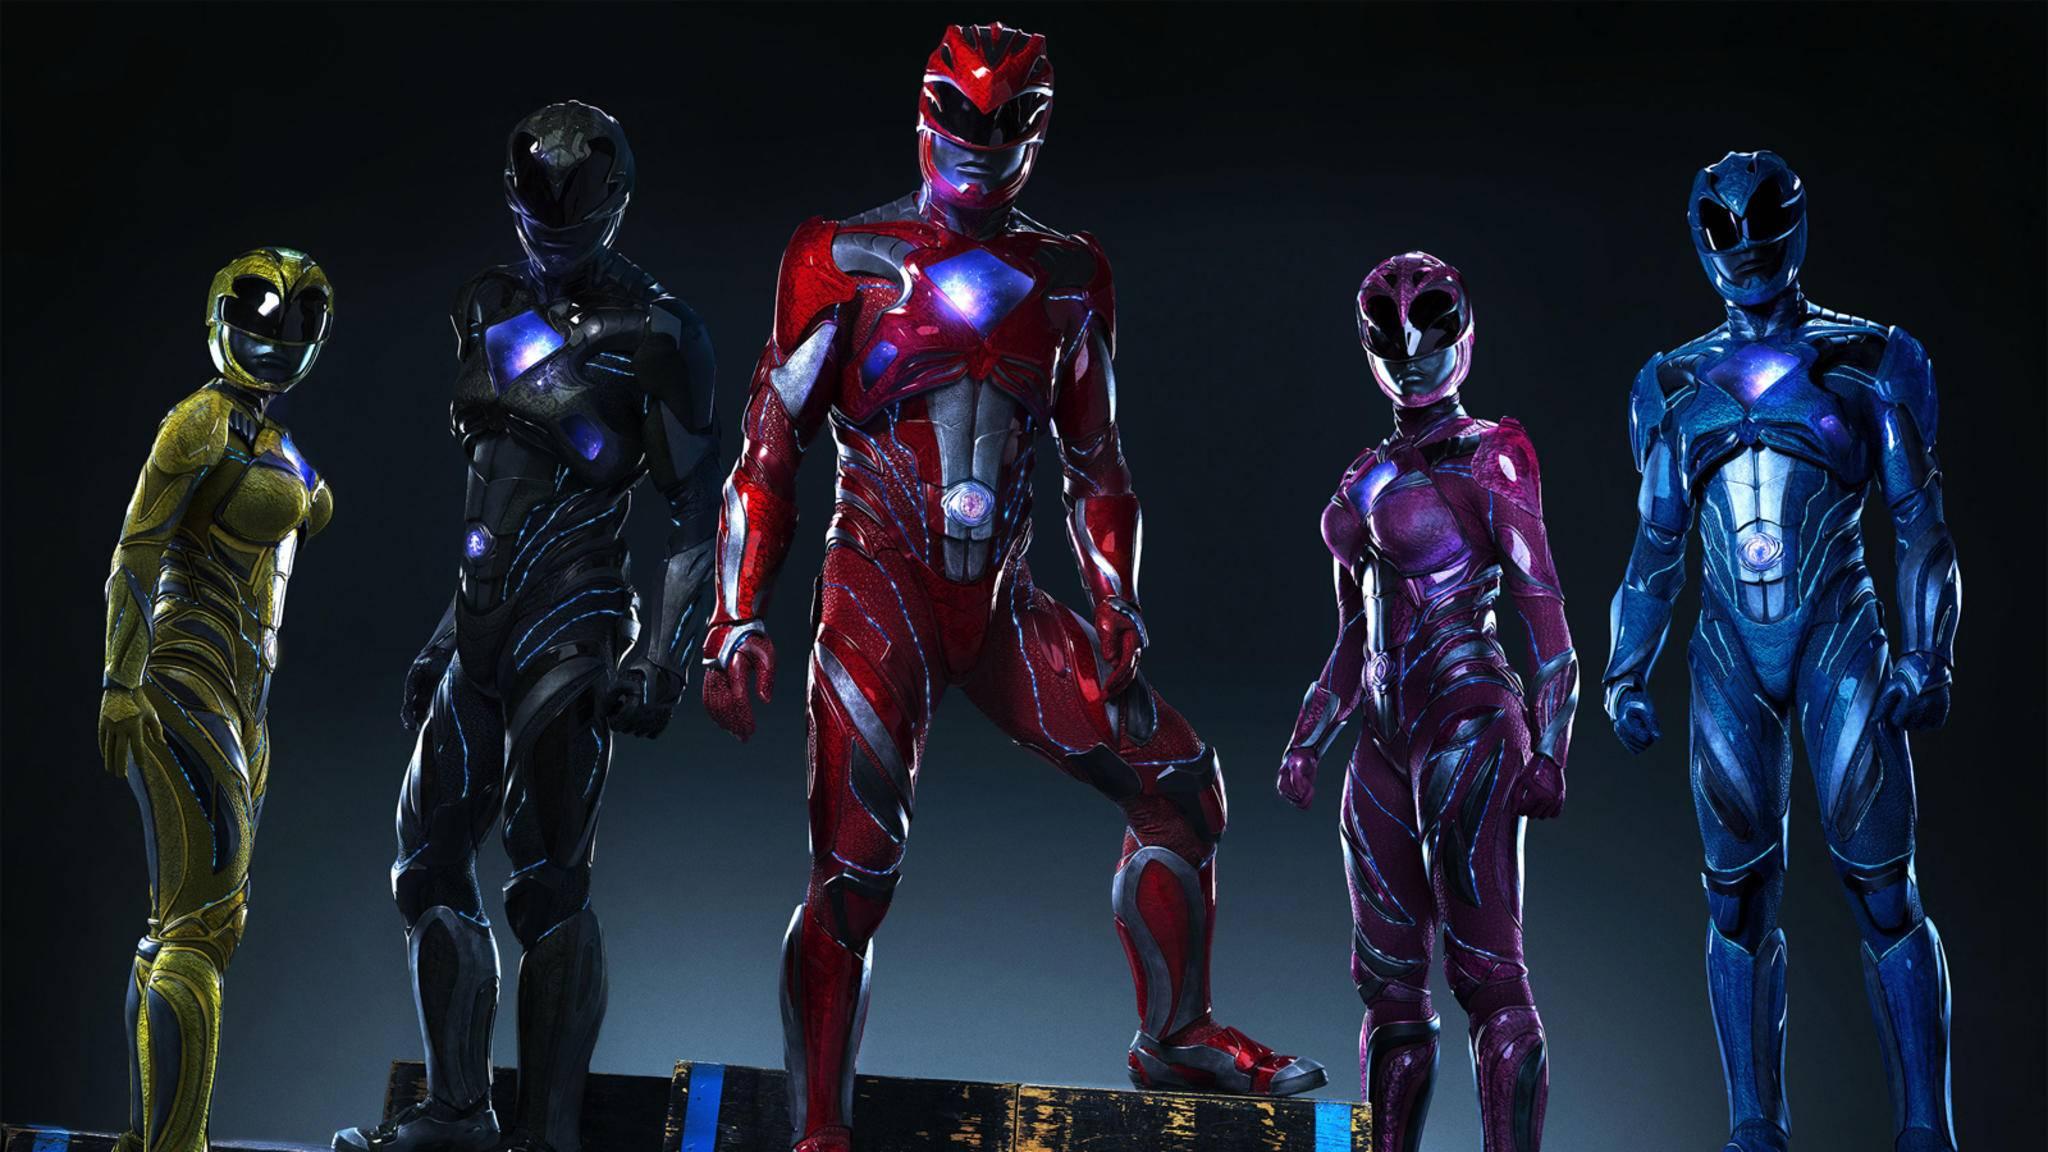 Die Power Rangers rüsten sich für einen neuen Einsatz.